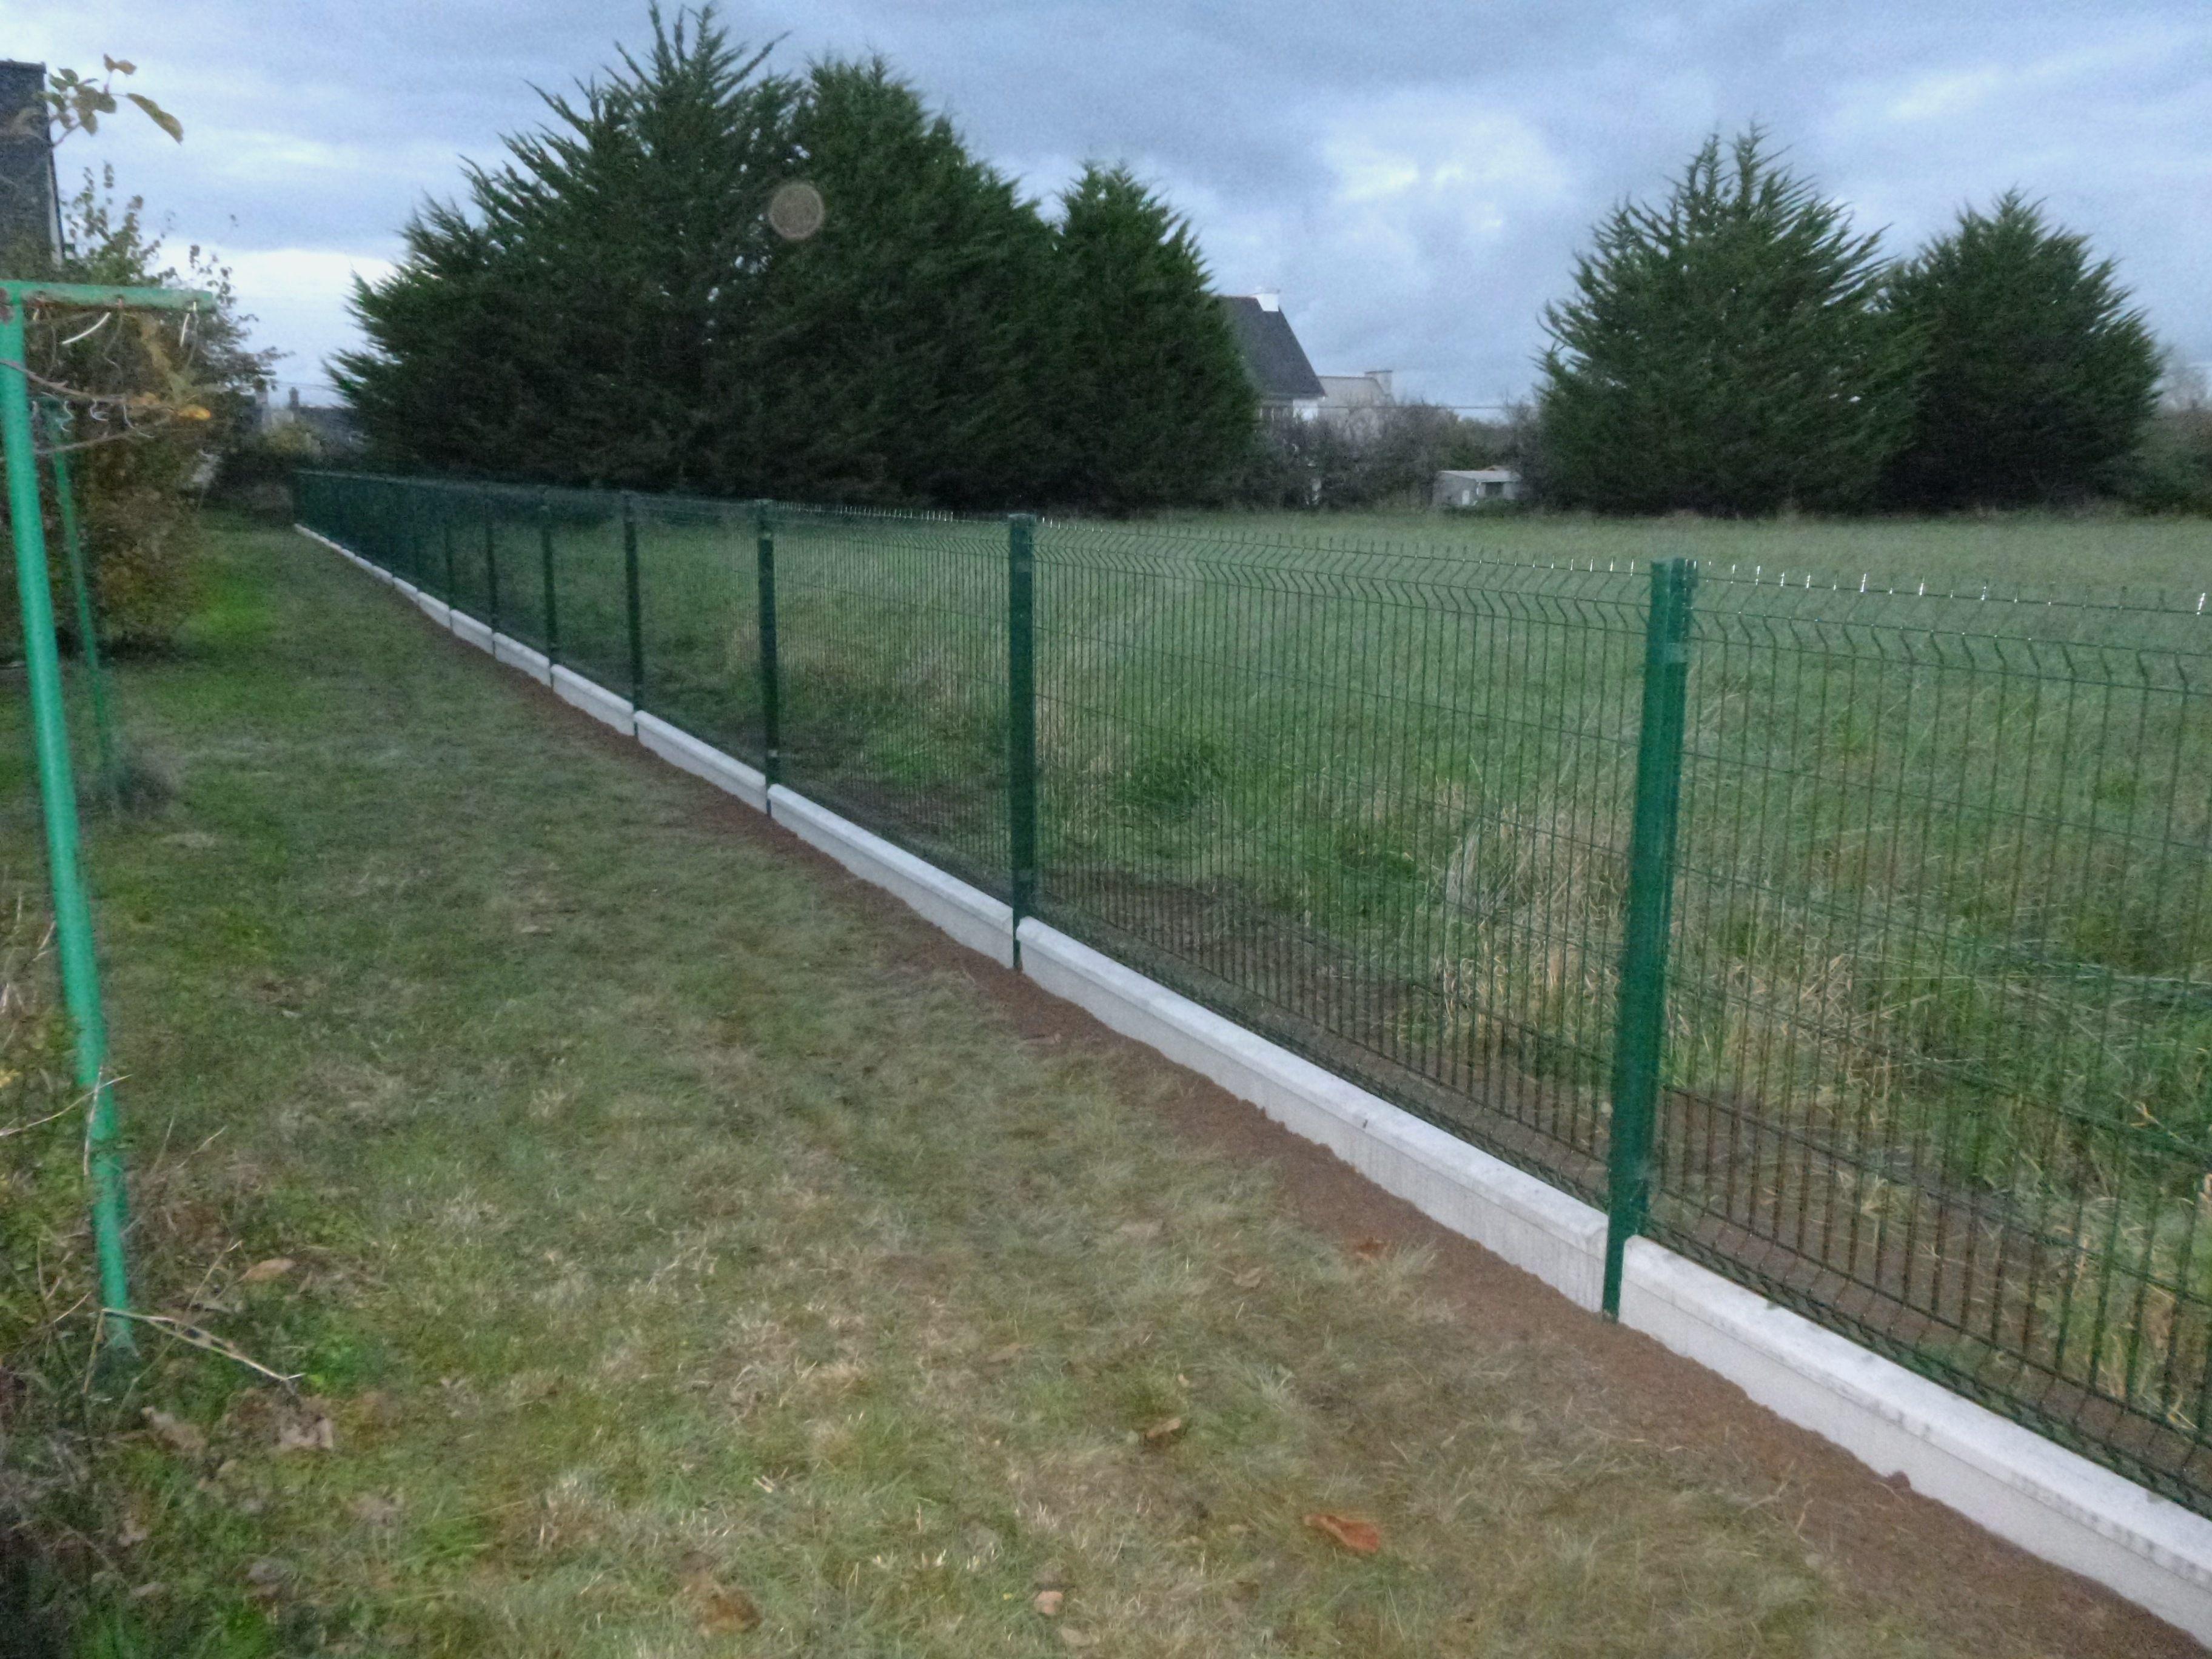 Barriere De Lit Pas Cher Frais Piscine Bois Blanc Nouveau Bureau Bois Massif Frais Meuble Bois